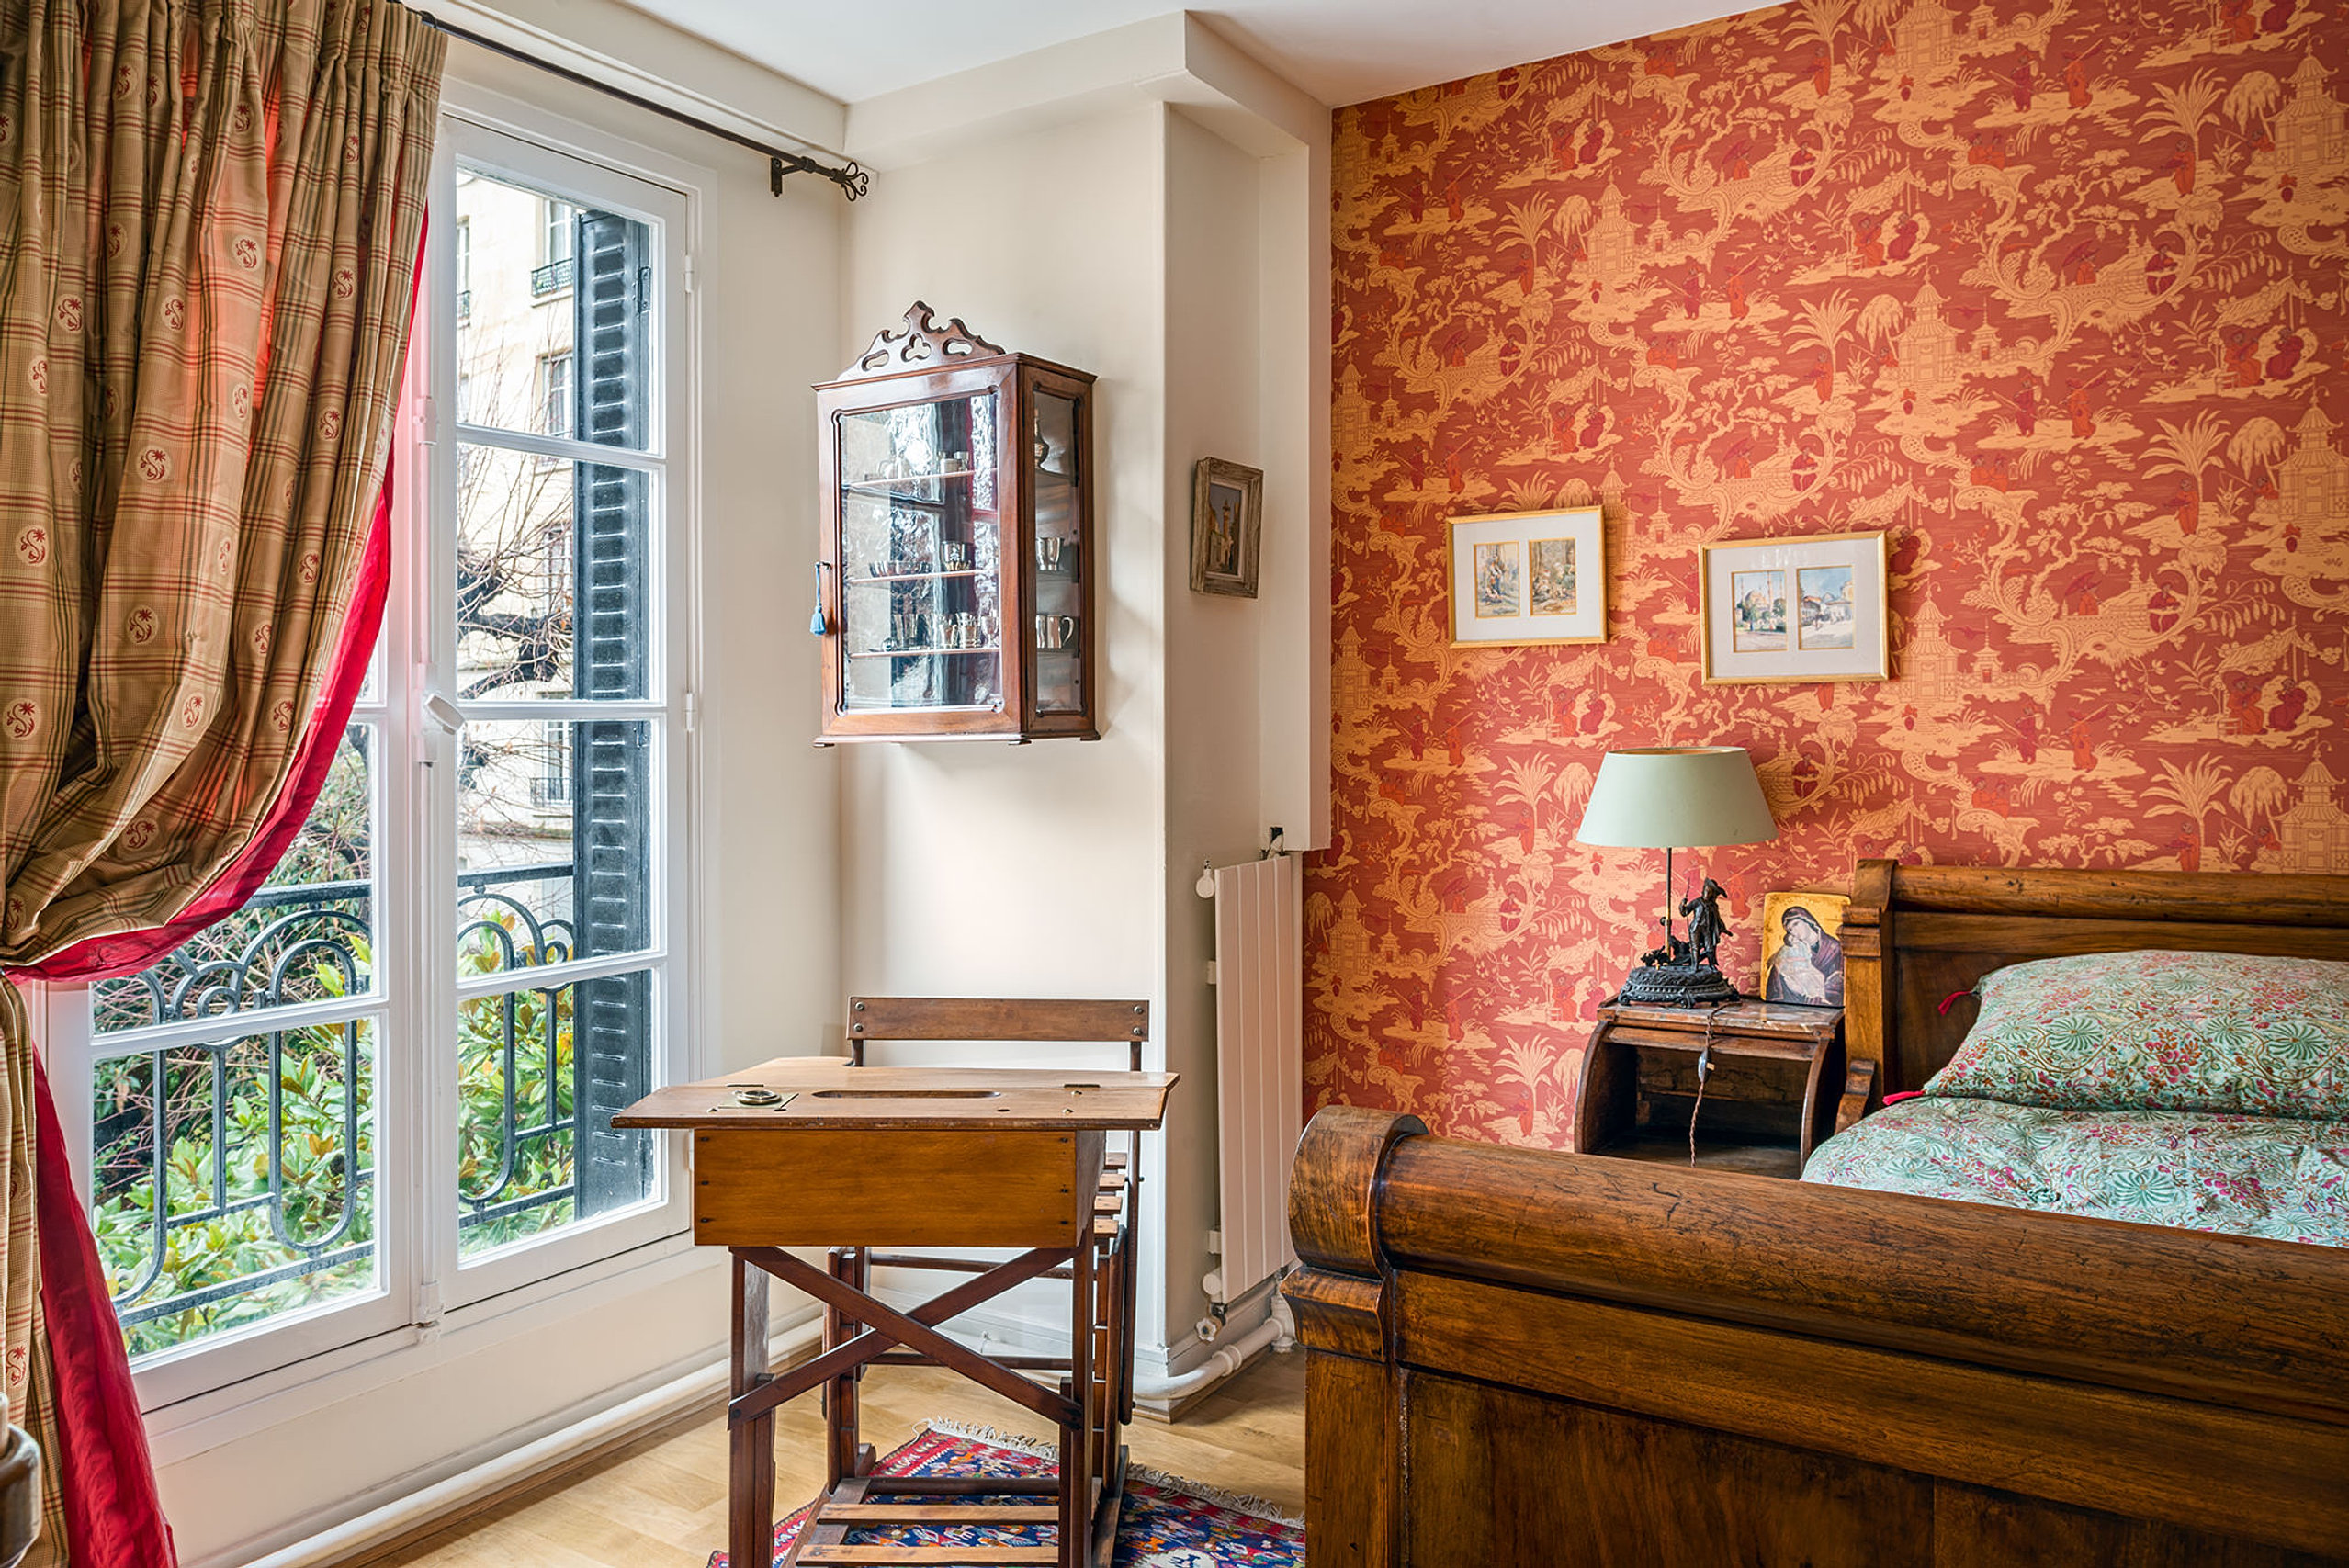 H tel particulier paris - Hotel particulier paris bismut architecture ...